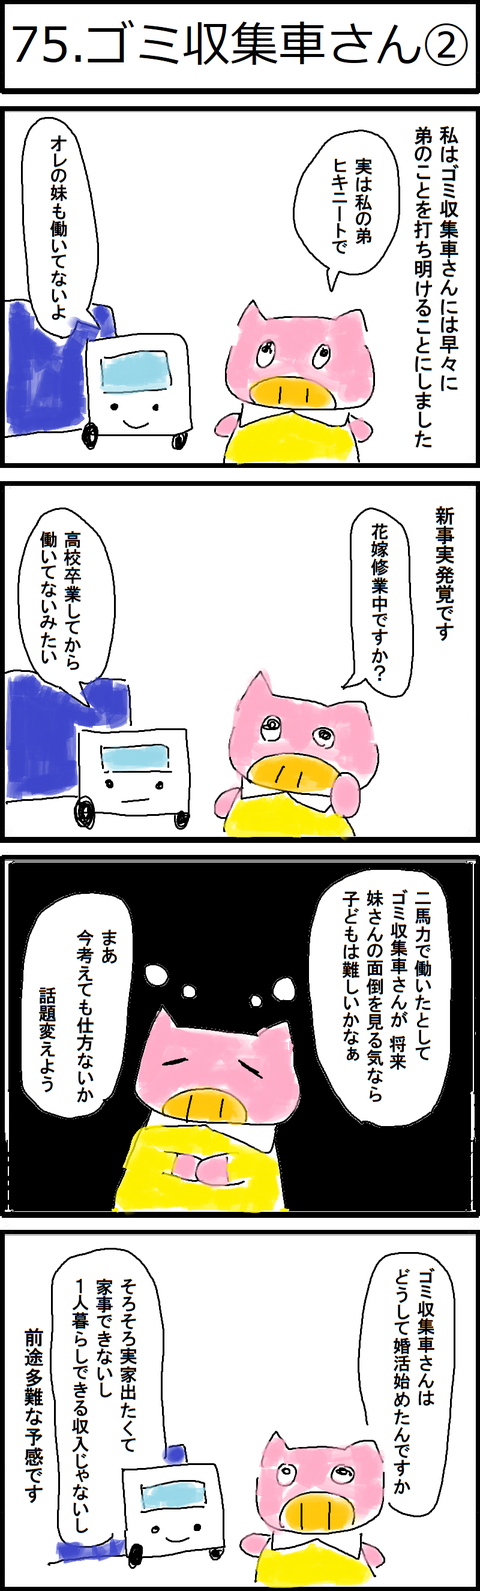 75.ゴミ収集車さん②